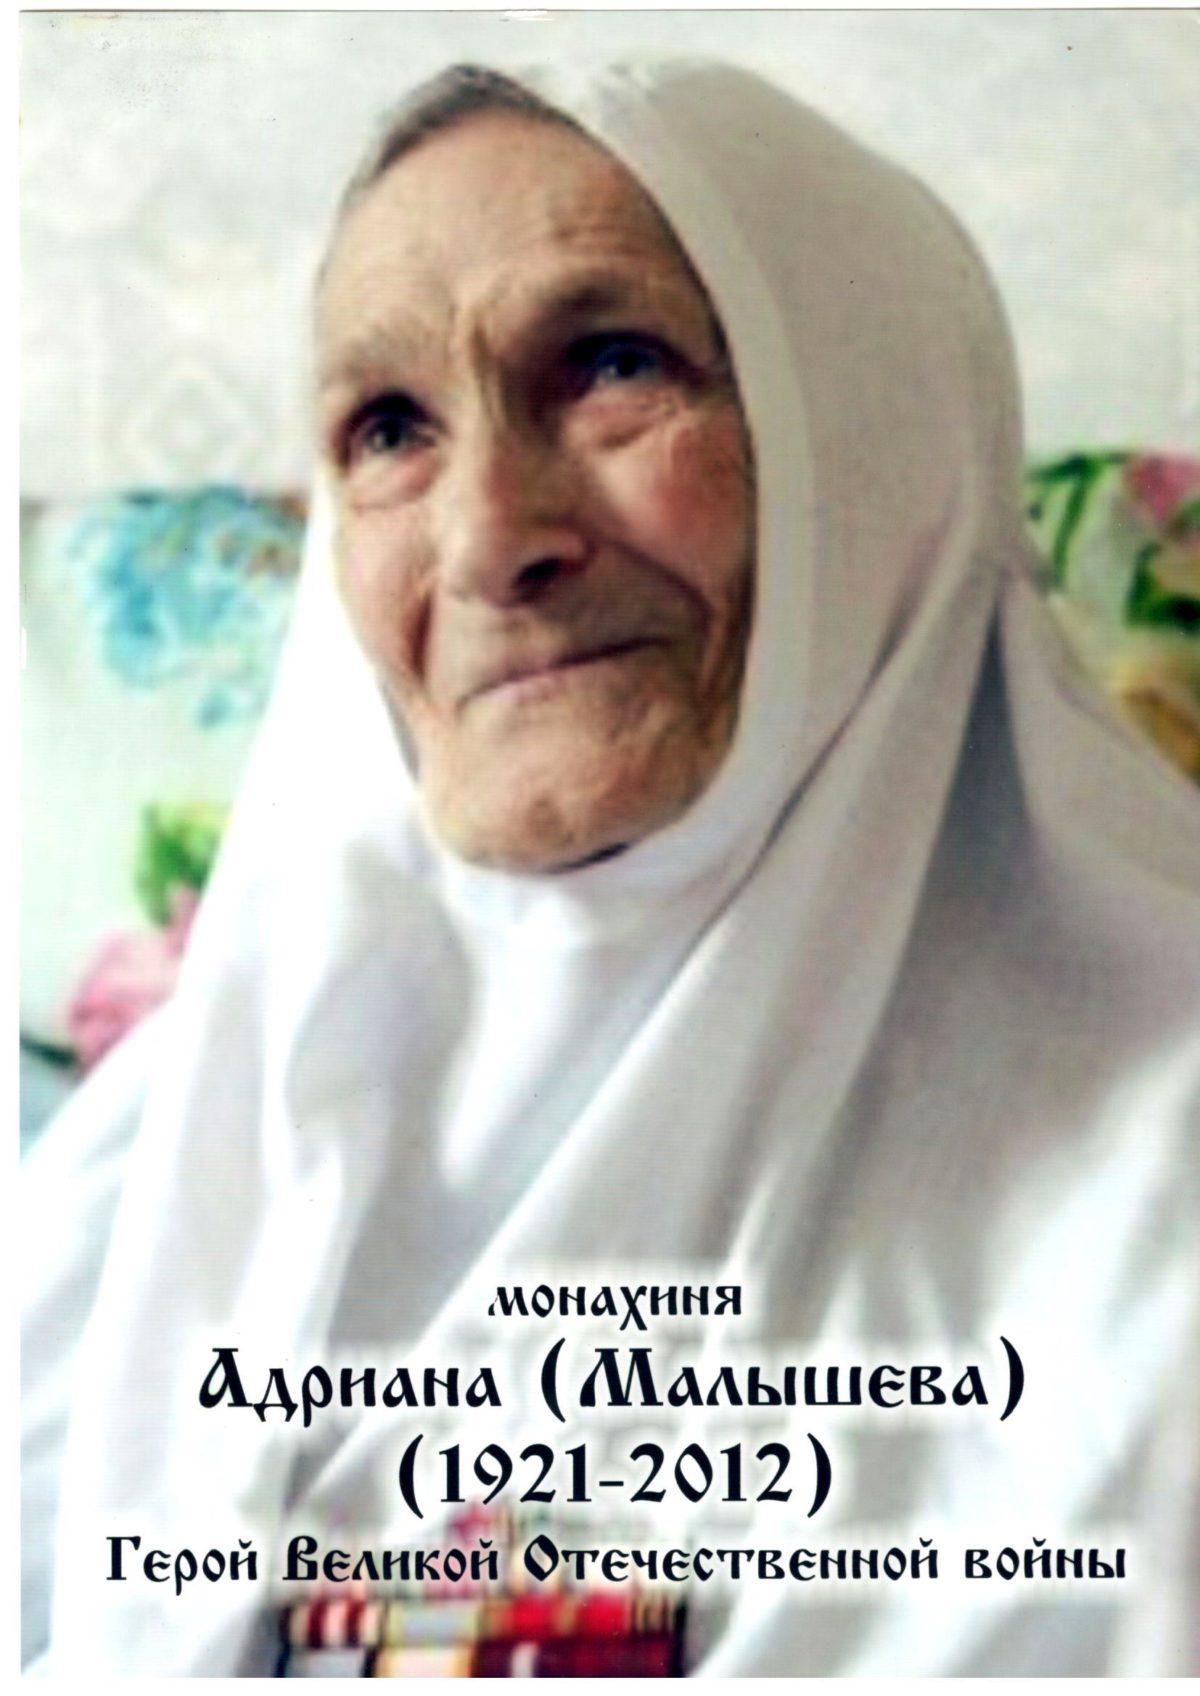 Монахиня Адриана (Малышева